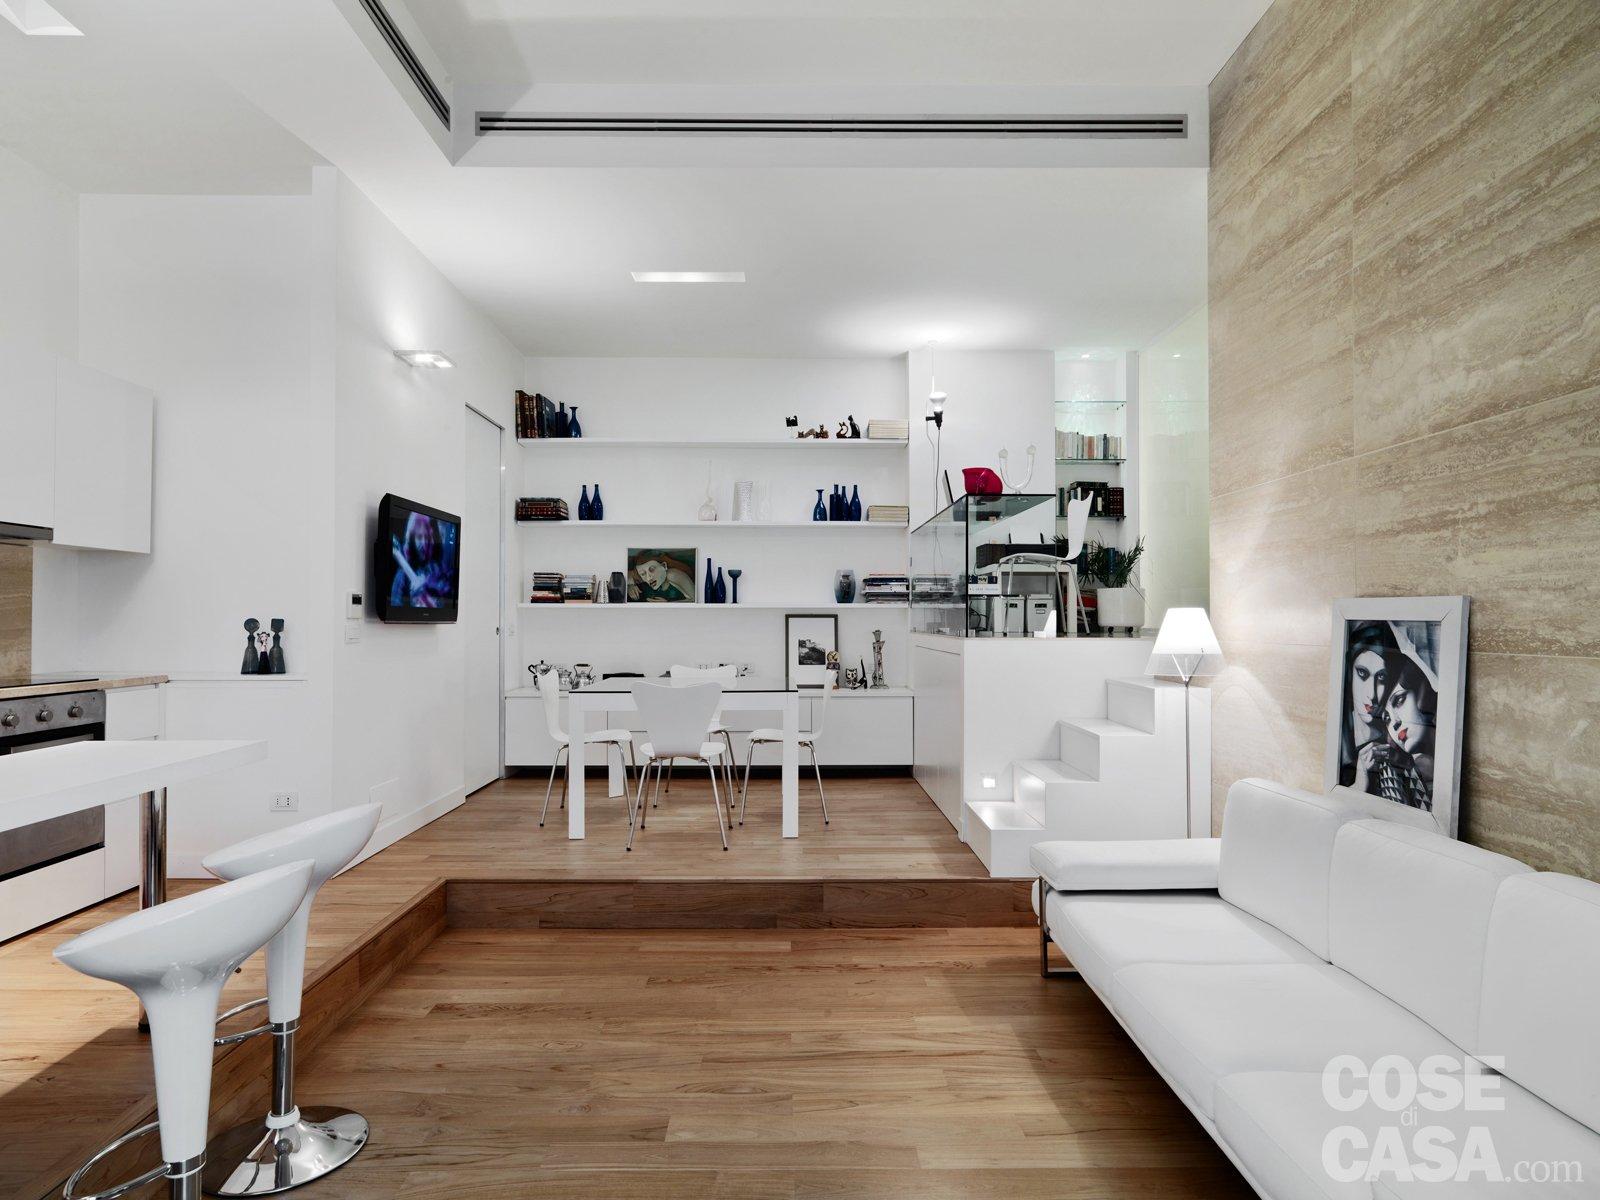 58 mq una casa sviluppata su pi livelli cose di casa - Creare in cucina d ...